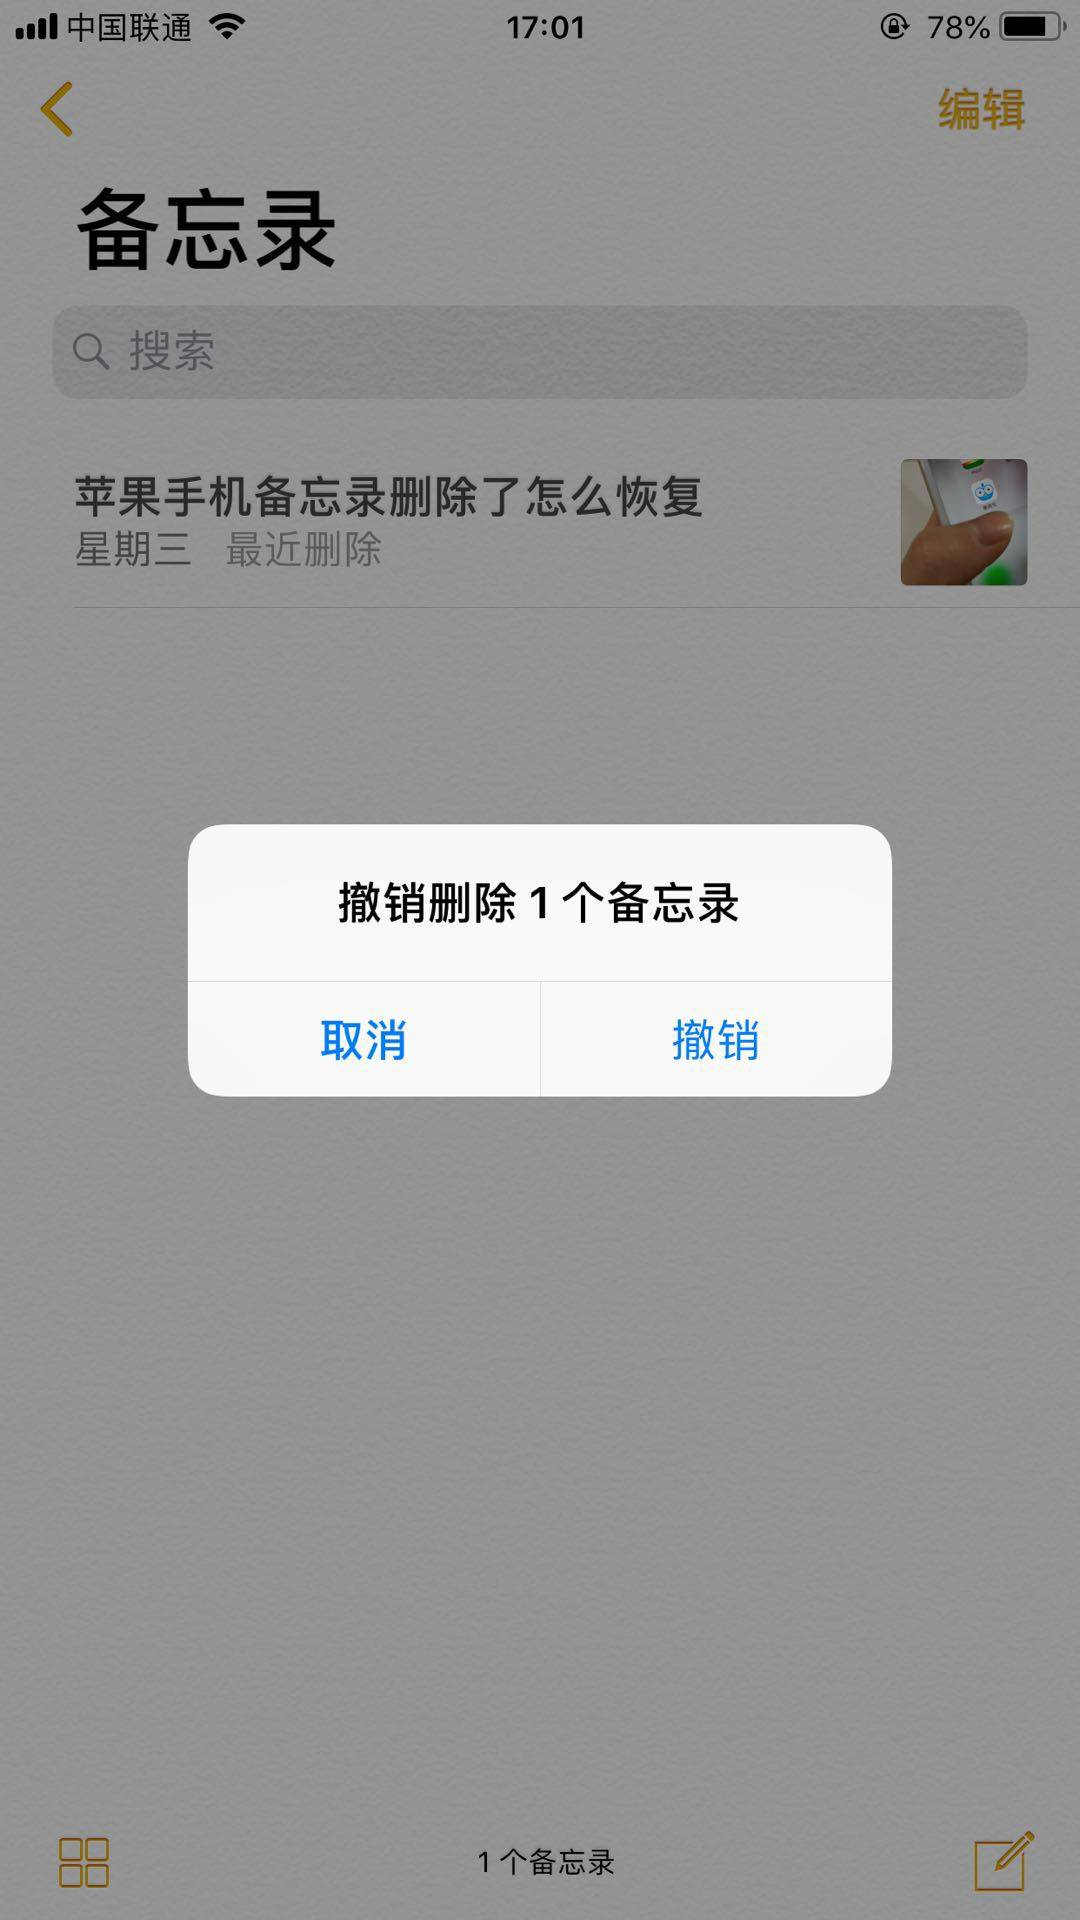 误删了iphone备忘录(iphone备忘录内容恢复)